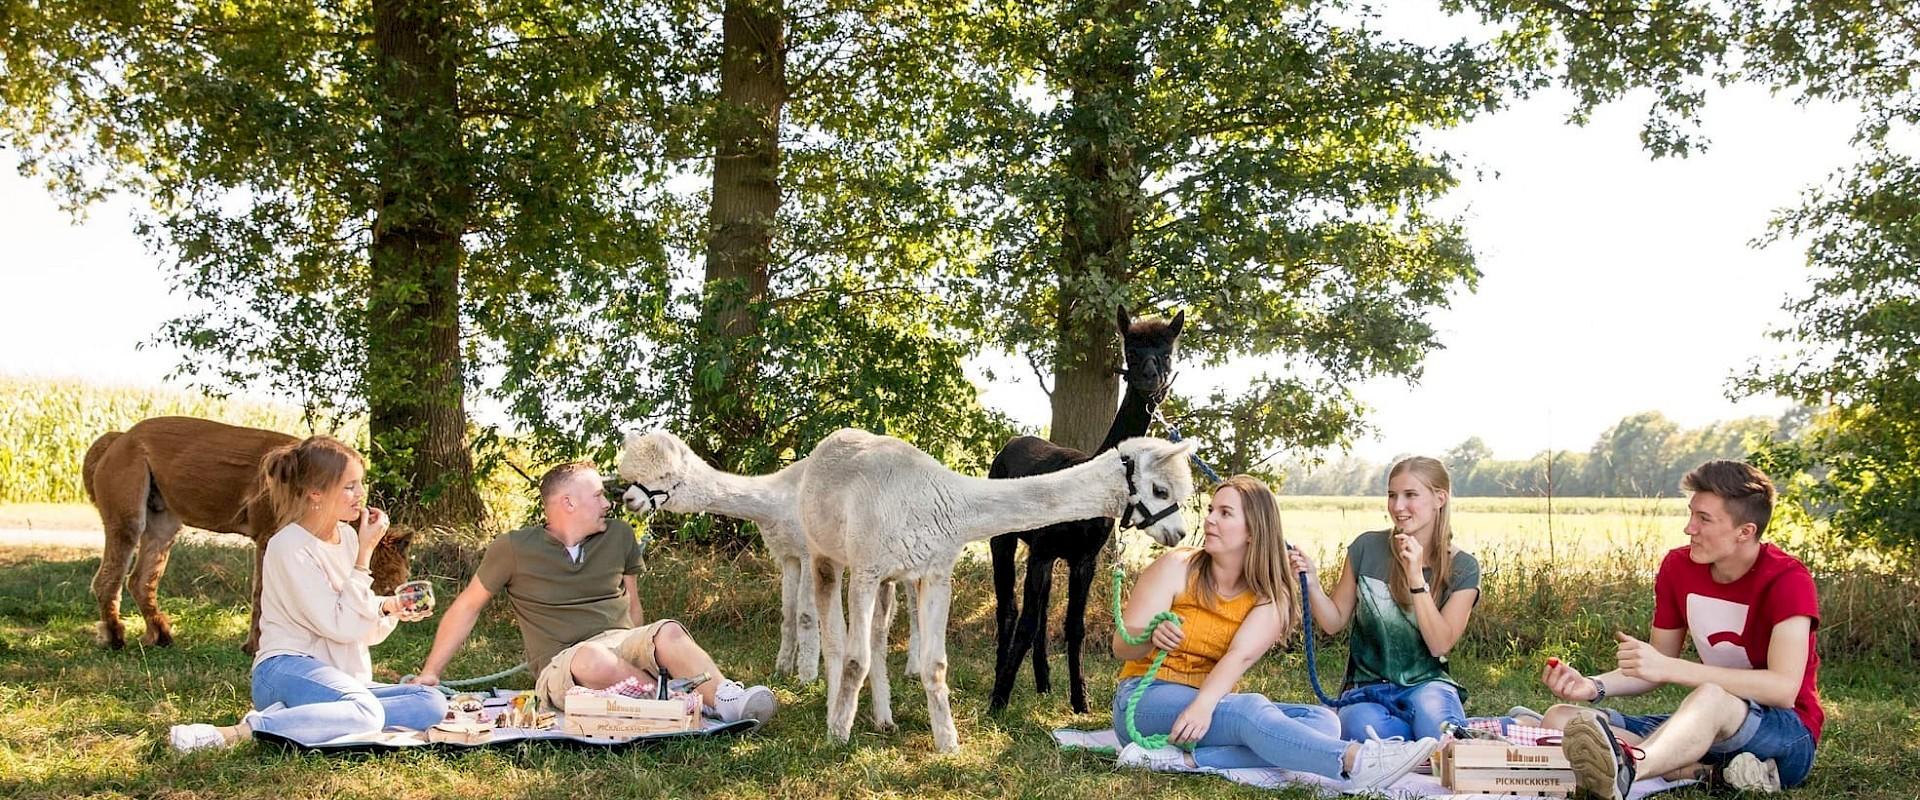 Alpaka-Wanderung mit Picknick